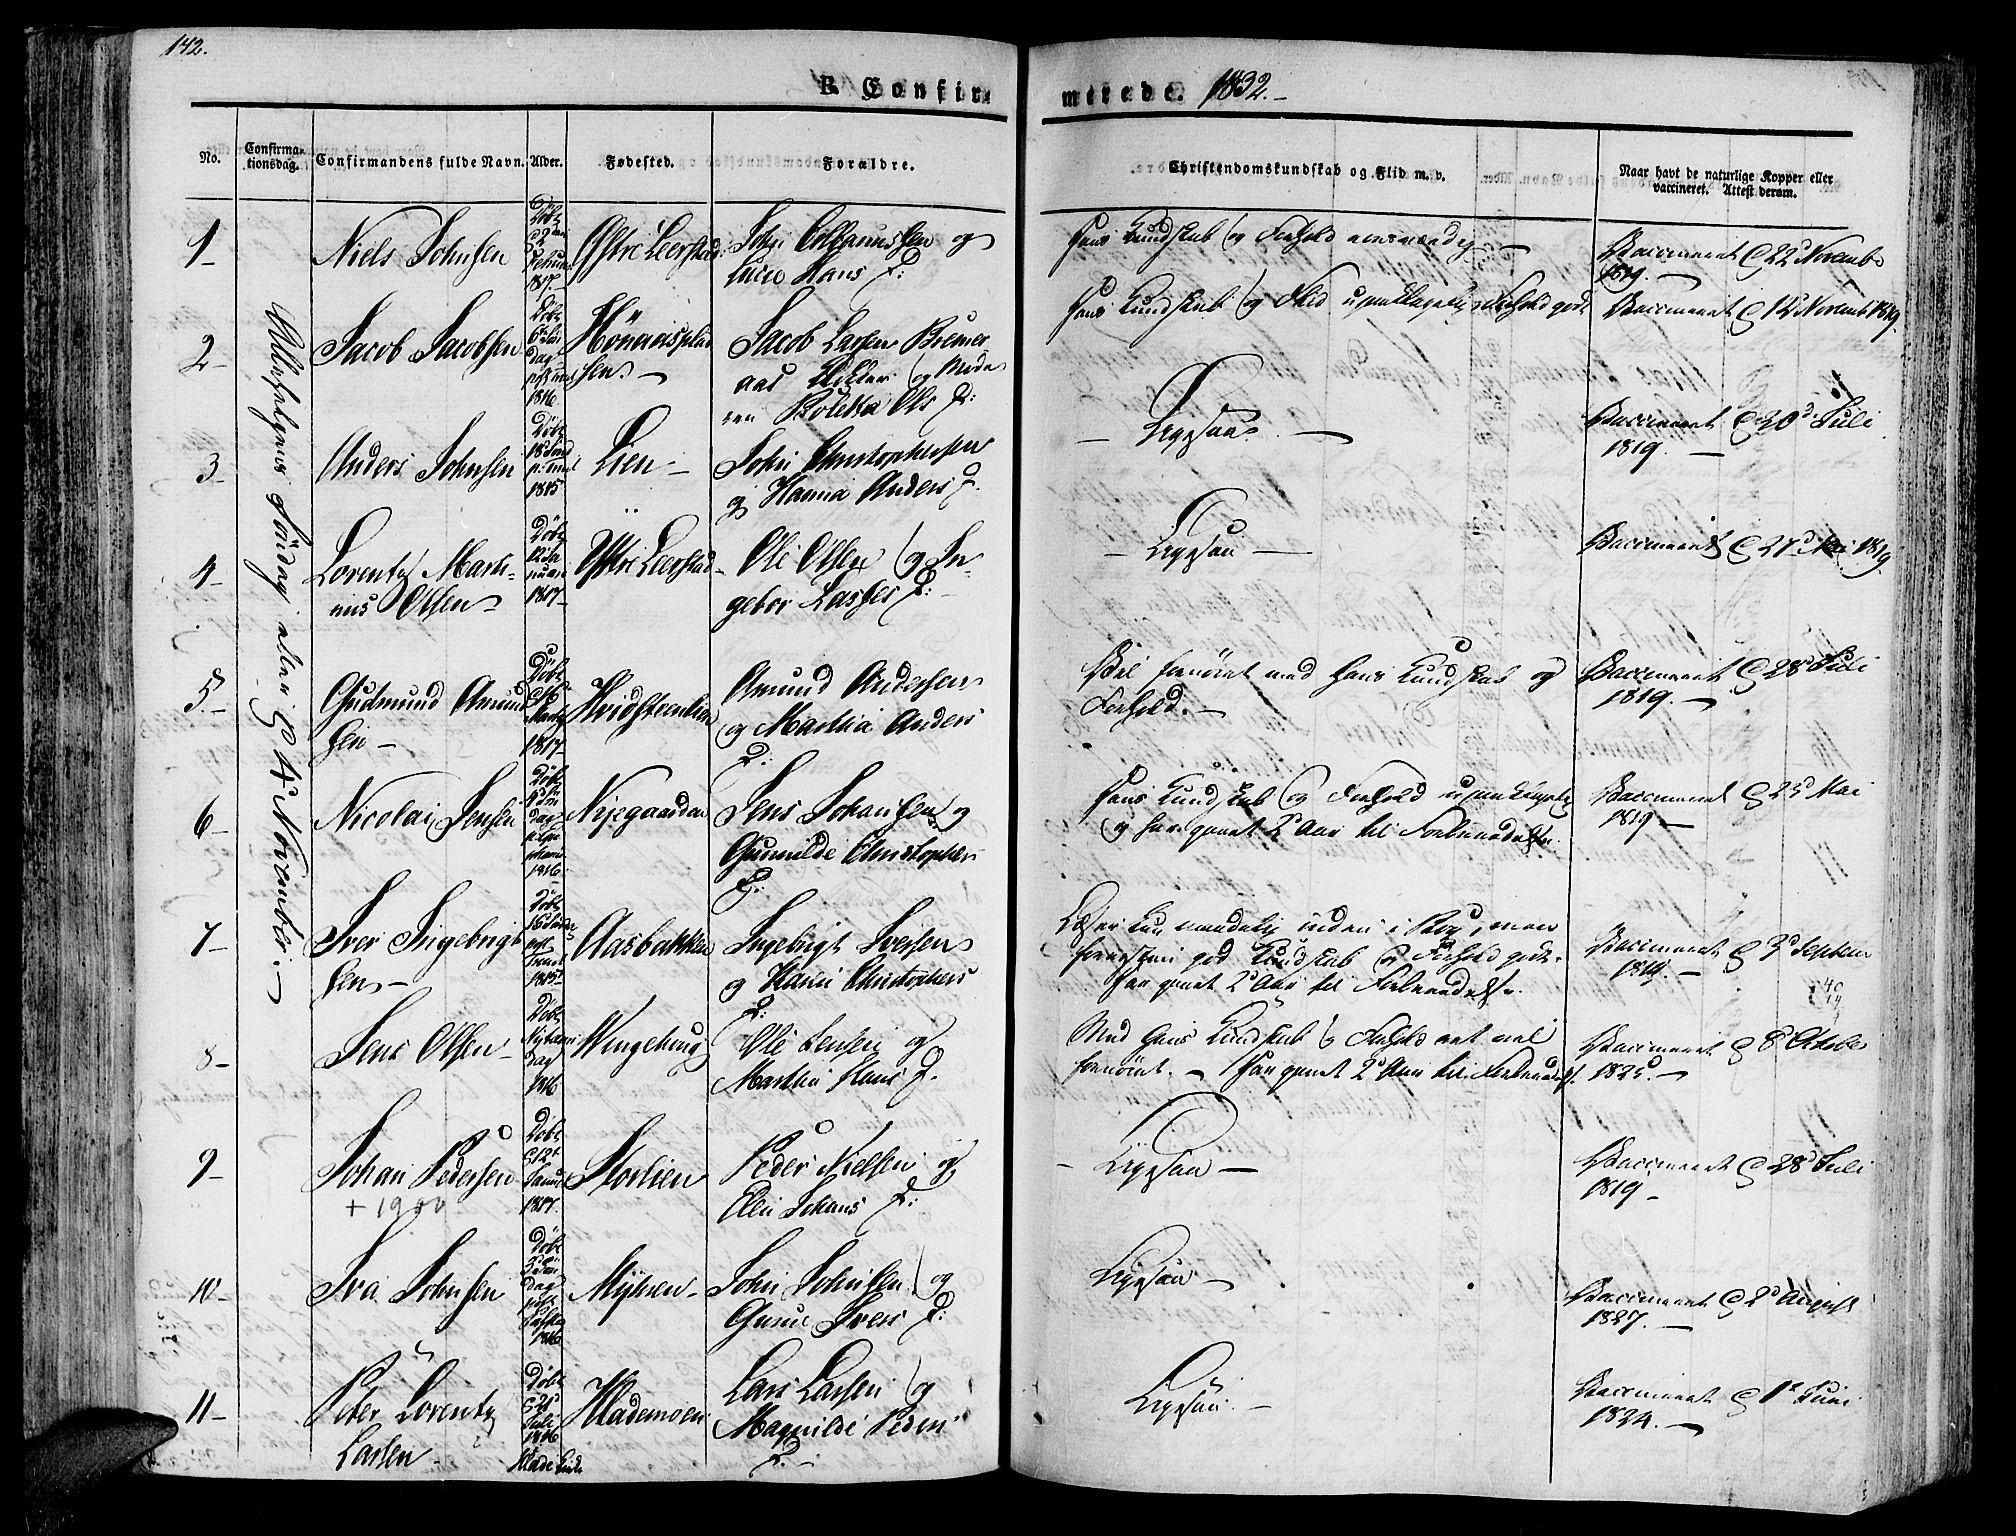 SAT, Ministerialprotokoller, klokkerbøker og fødselsregistre - Nord-Trøndelag, 701/L0006: Ministerialbok nr. 701A06, 1825-1841, s. 172